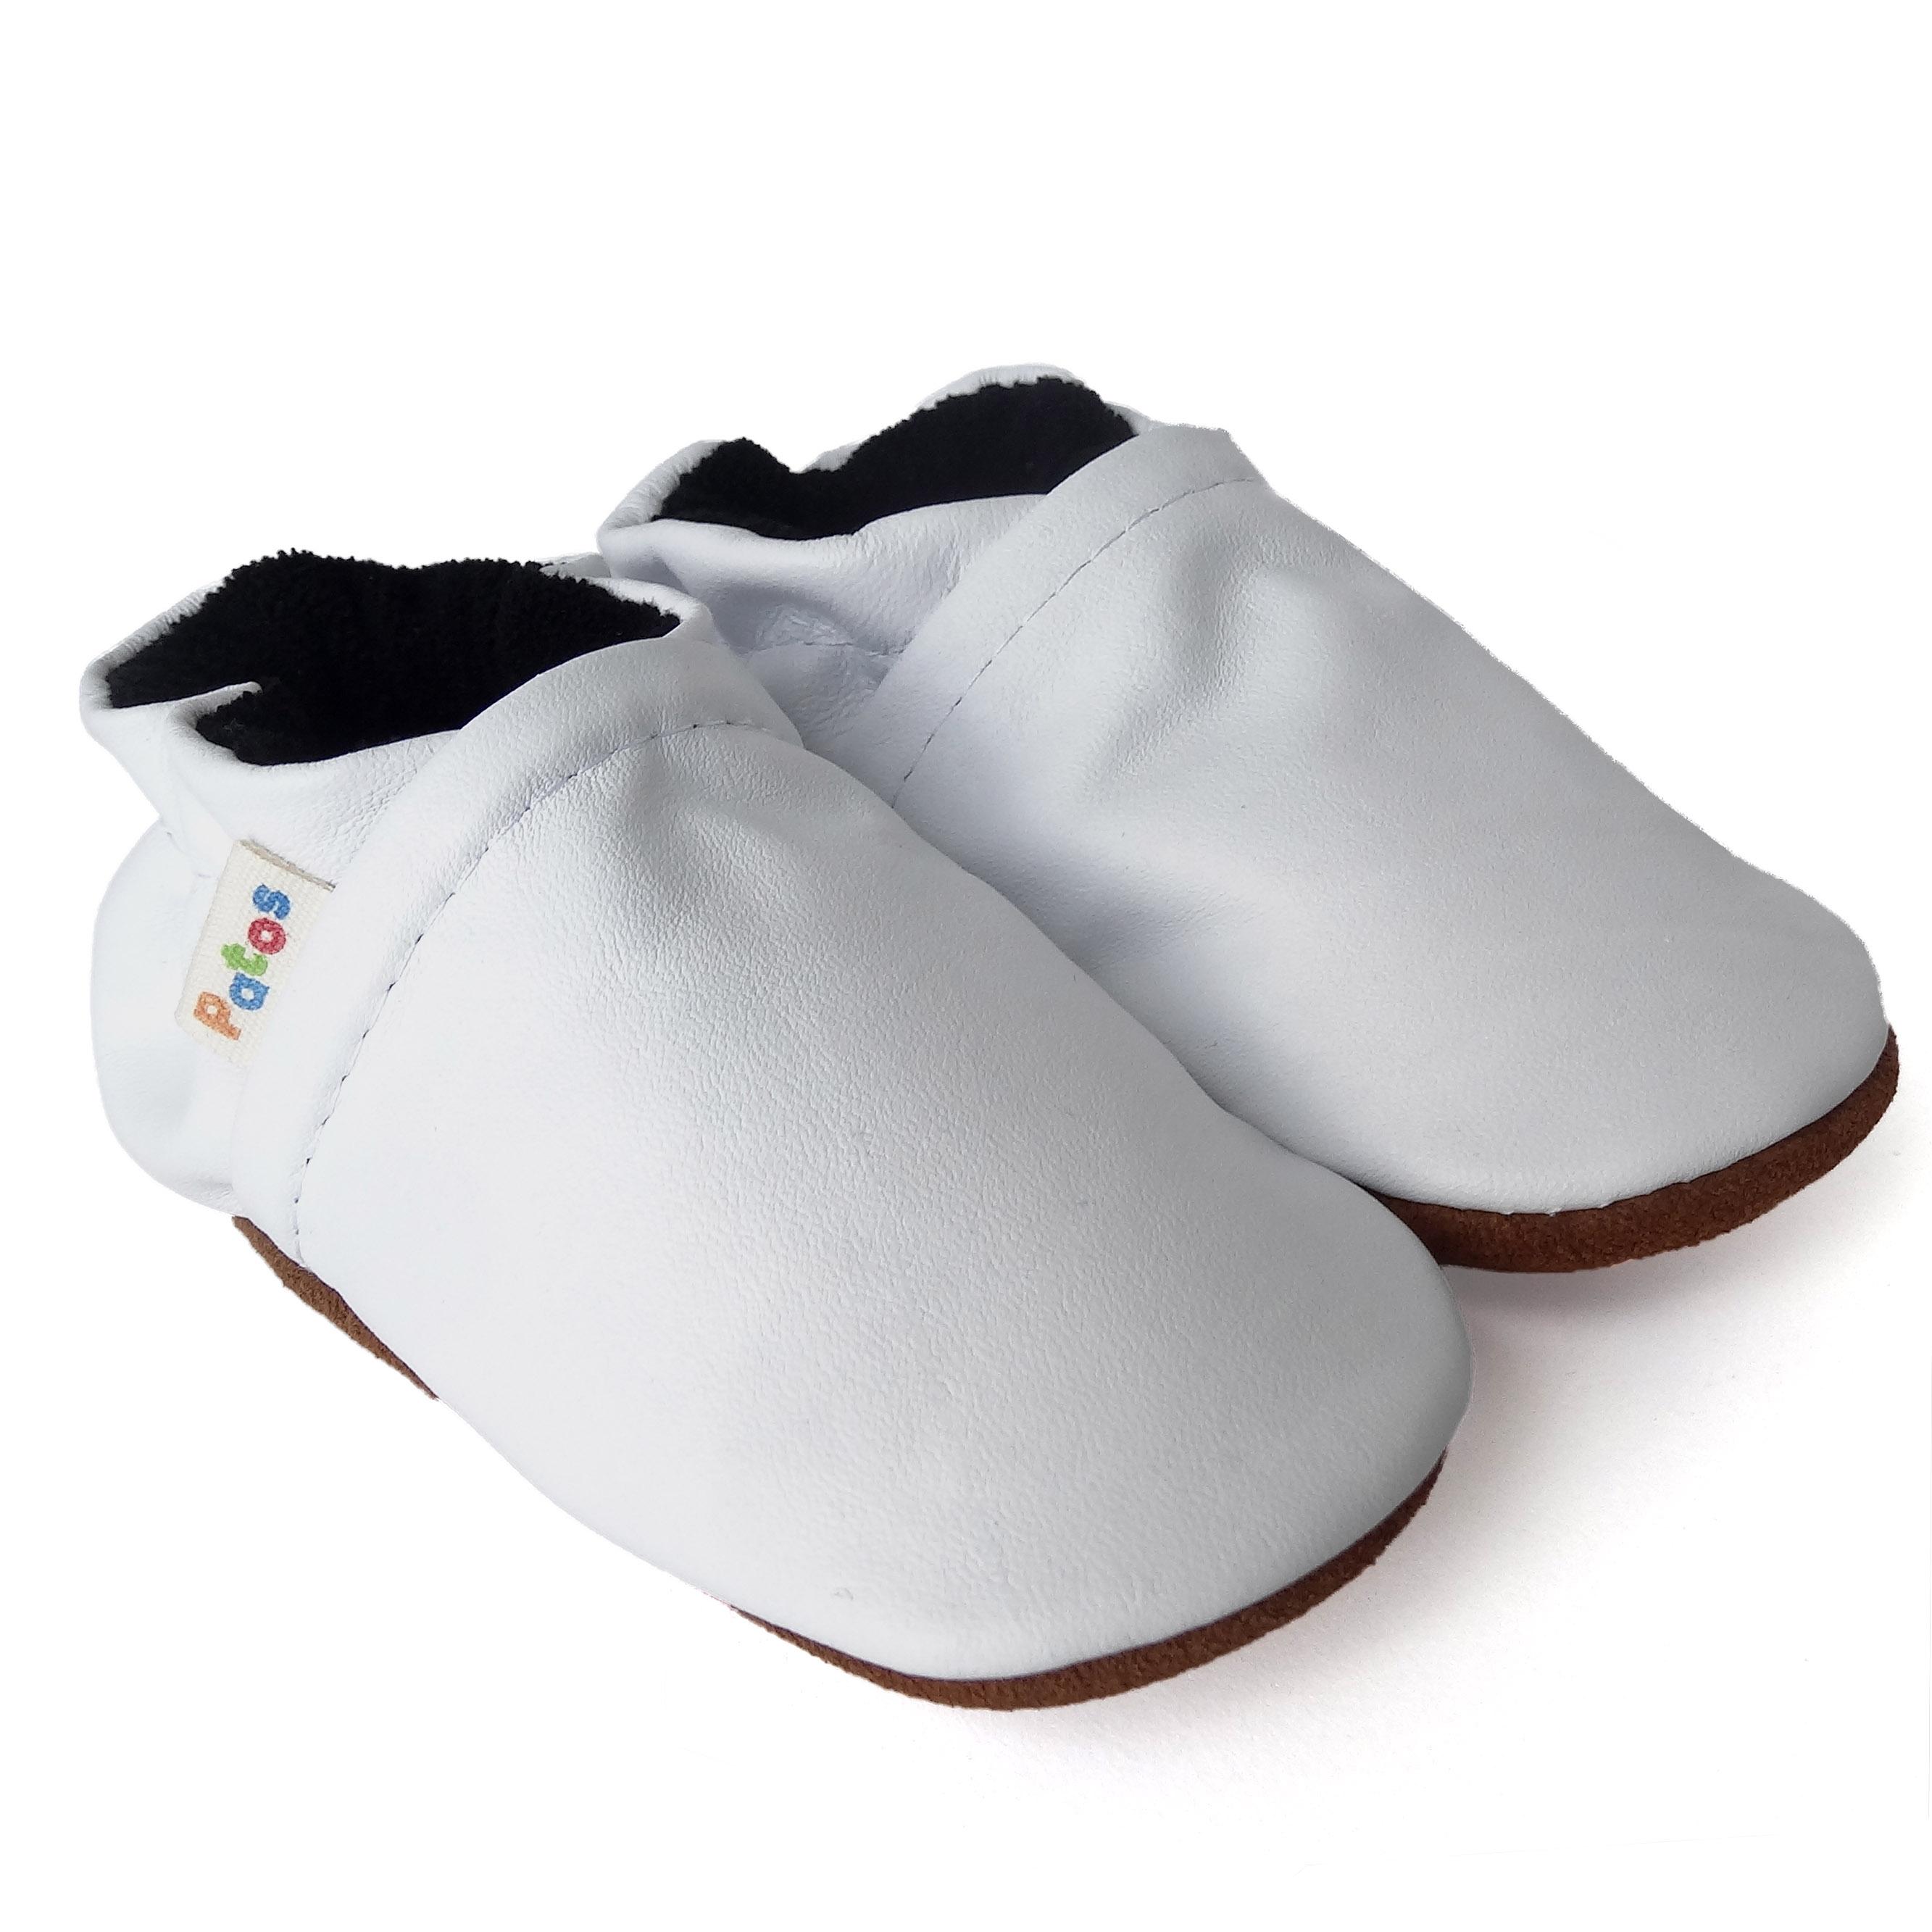 ventas especiales encanto de costo gran venta Zapatos para empezar a caminar bebes